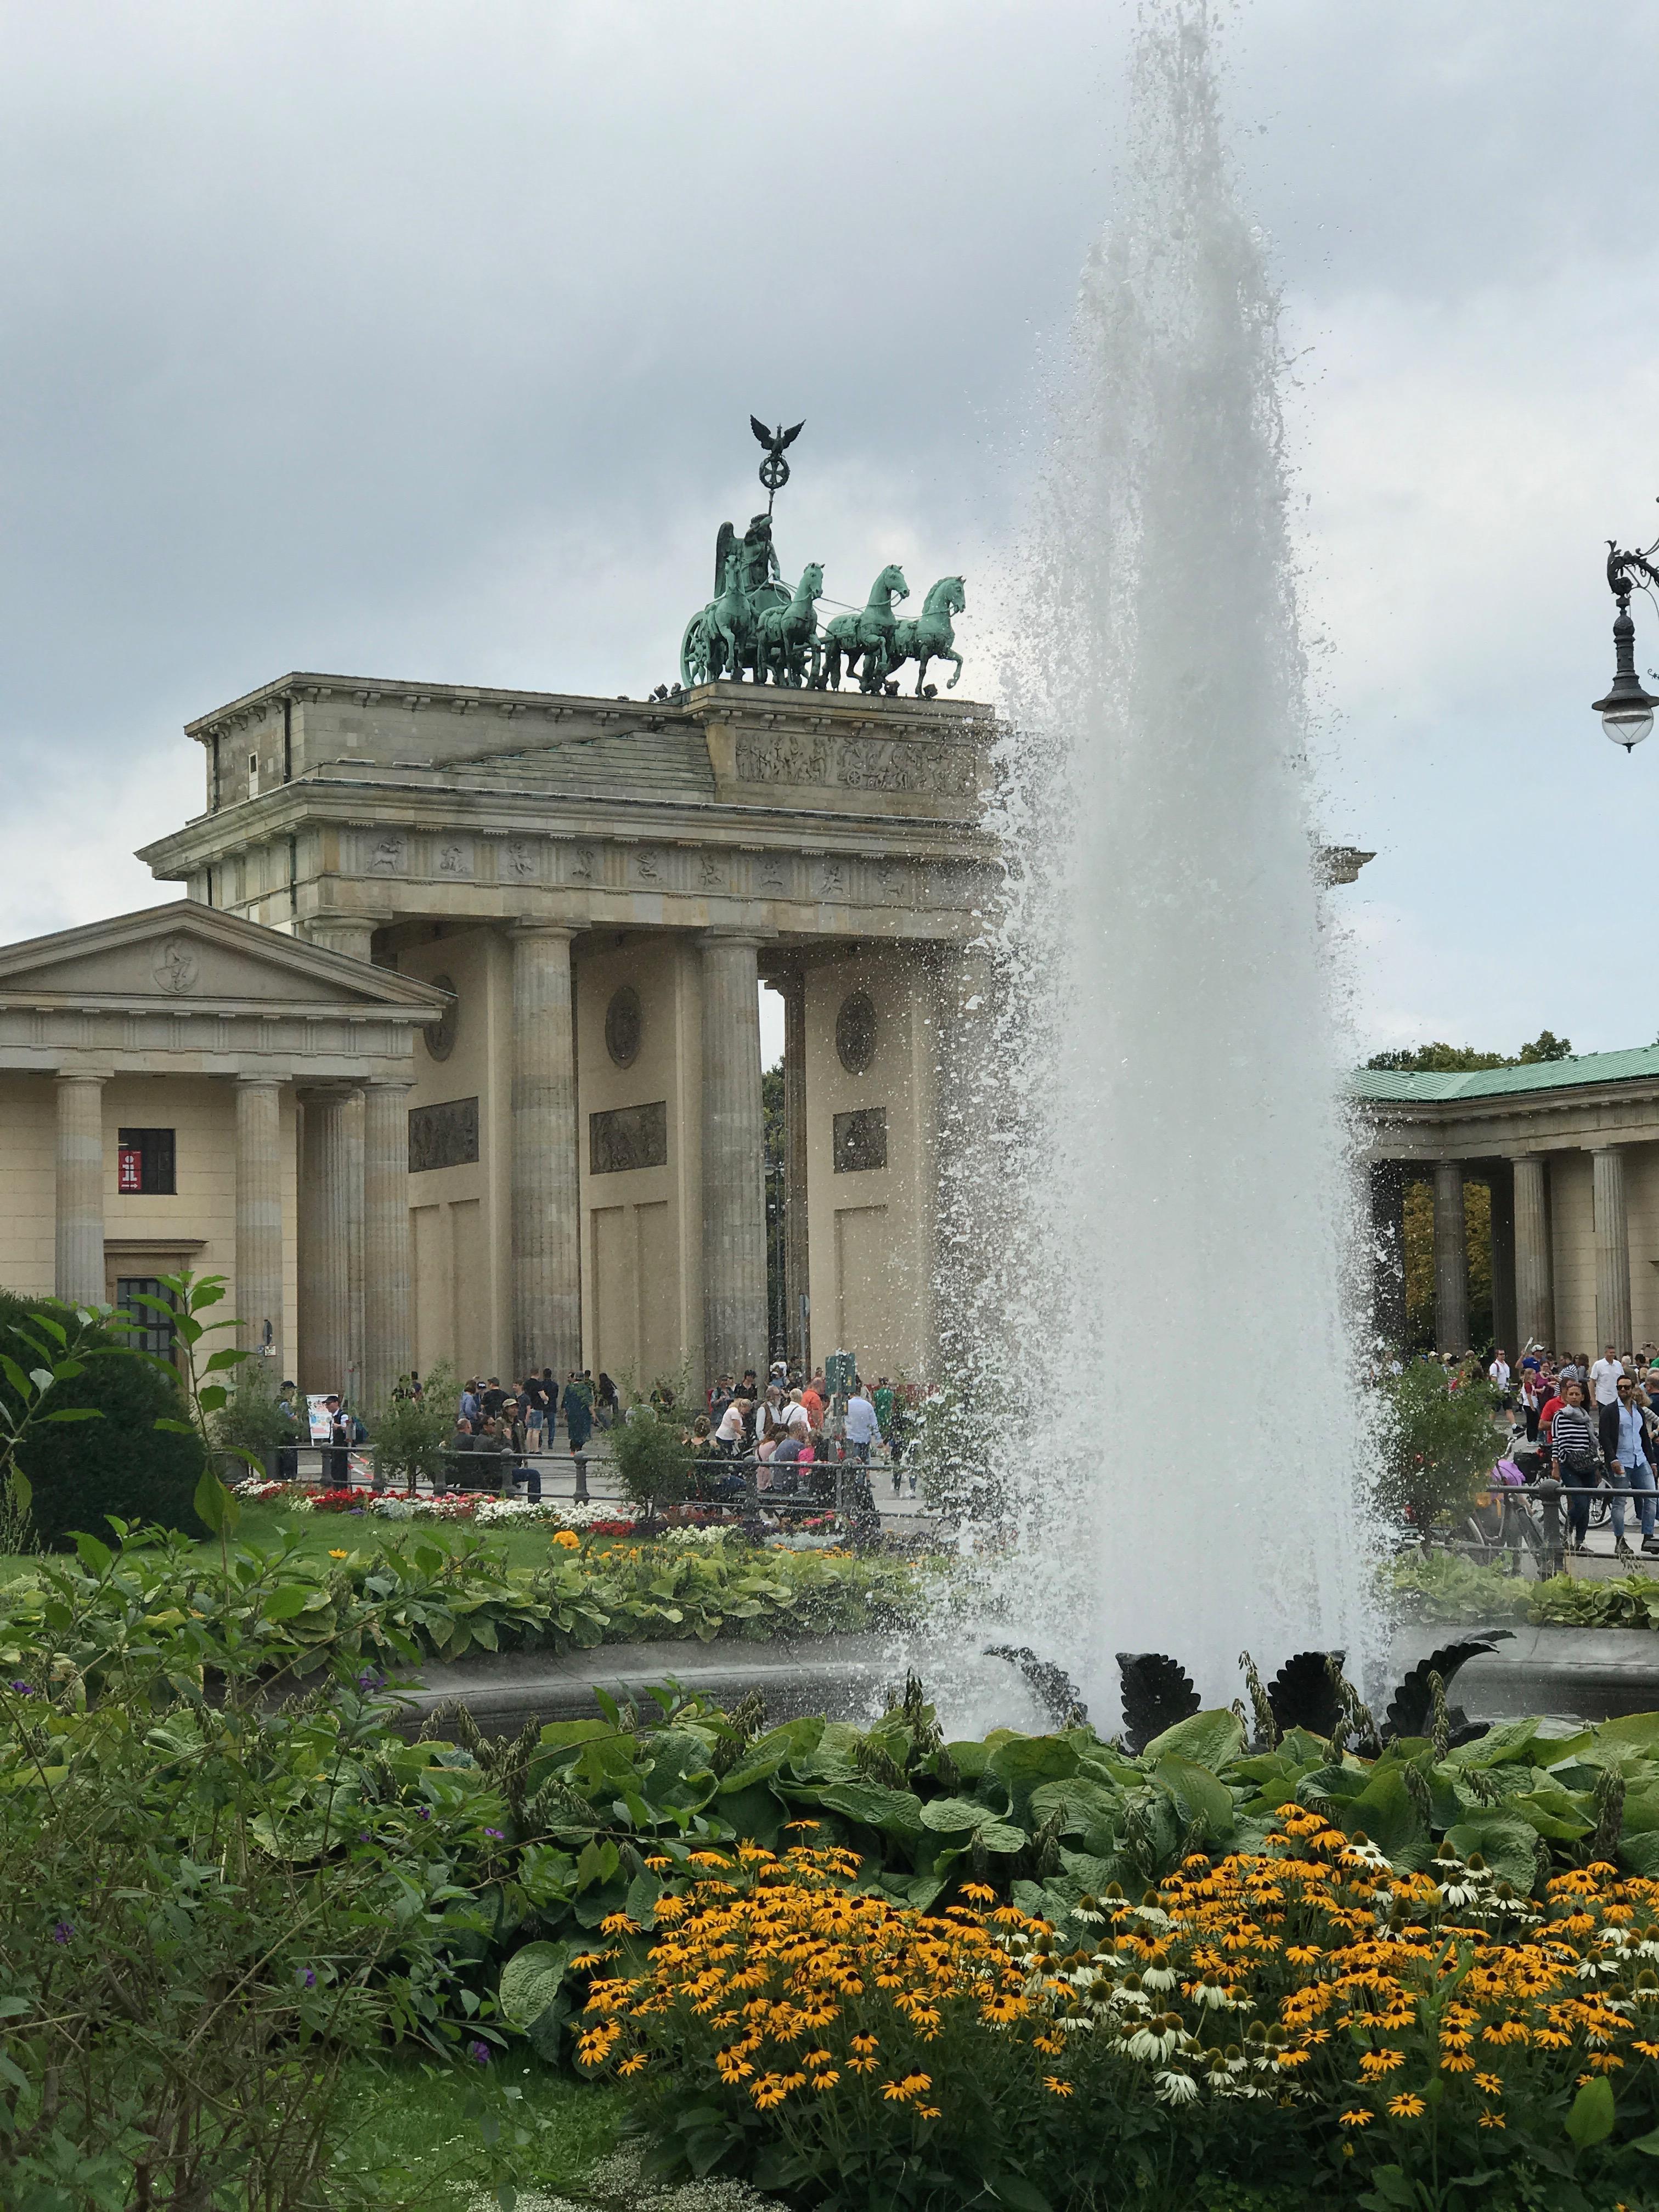 IMG_7797 برلين عاصمة الحرب و السلام , هنا تجدون رحلتي لها مع اهم الاماكن السياحية و الفنادق و الاسواق و بعض المطاعم .